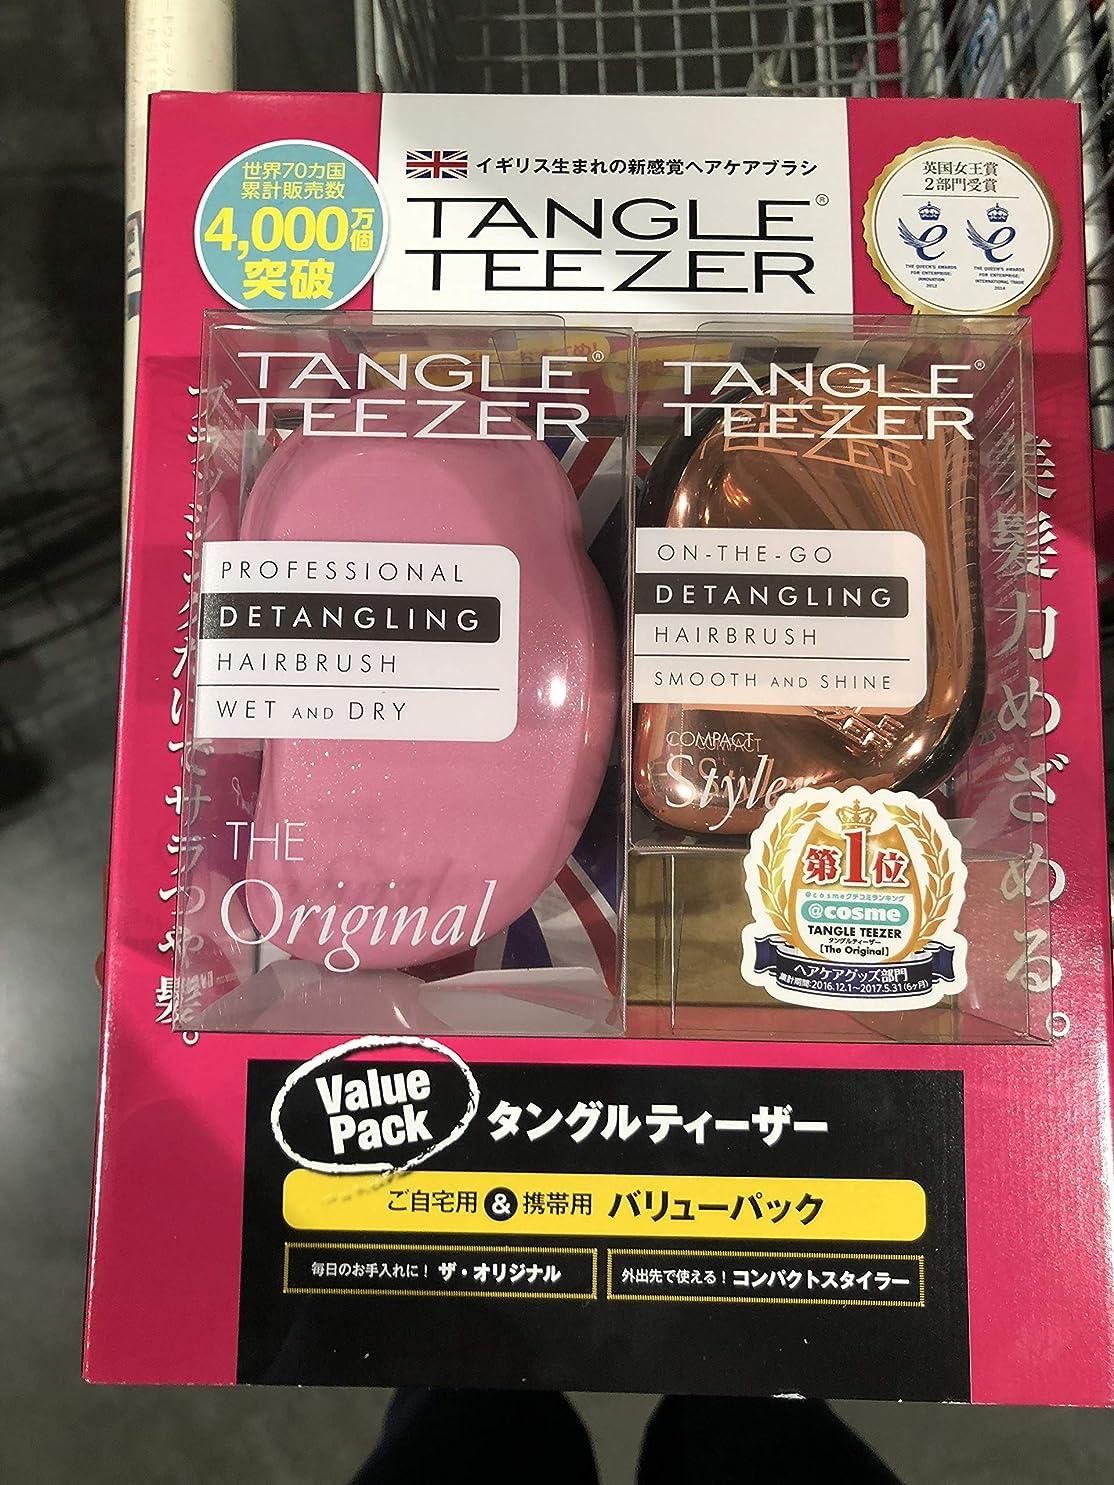 活性化する無駄エクステントTANGLE TEEZER タングルティーザー 自宅用&携帯用 バリューパック ピンク&シャンパンゴールド